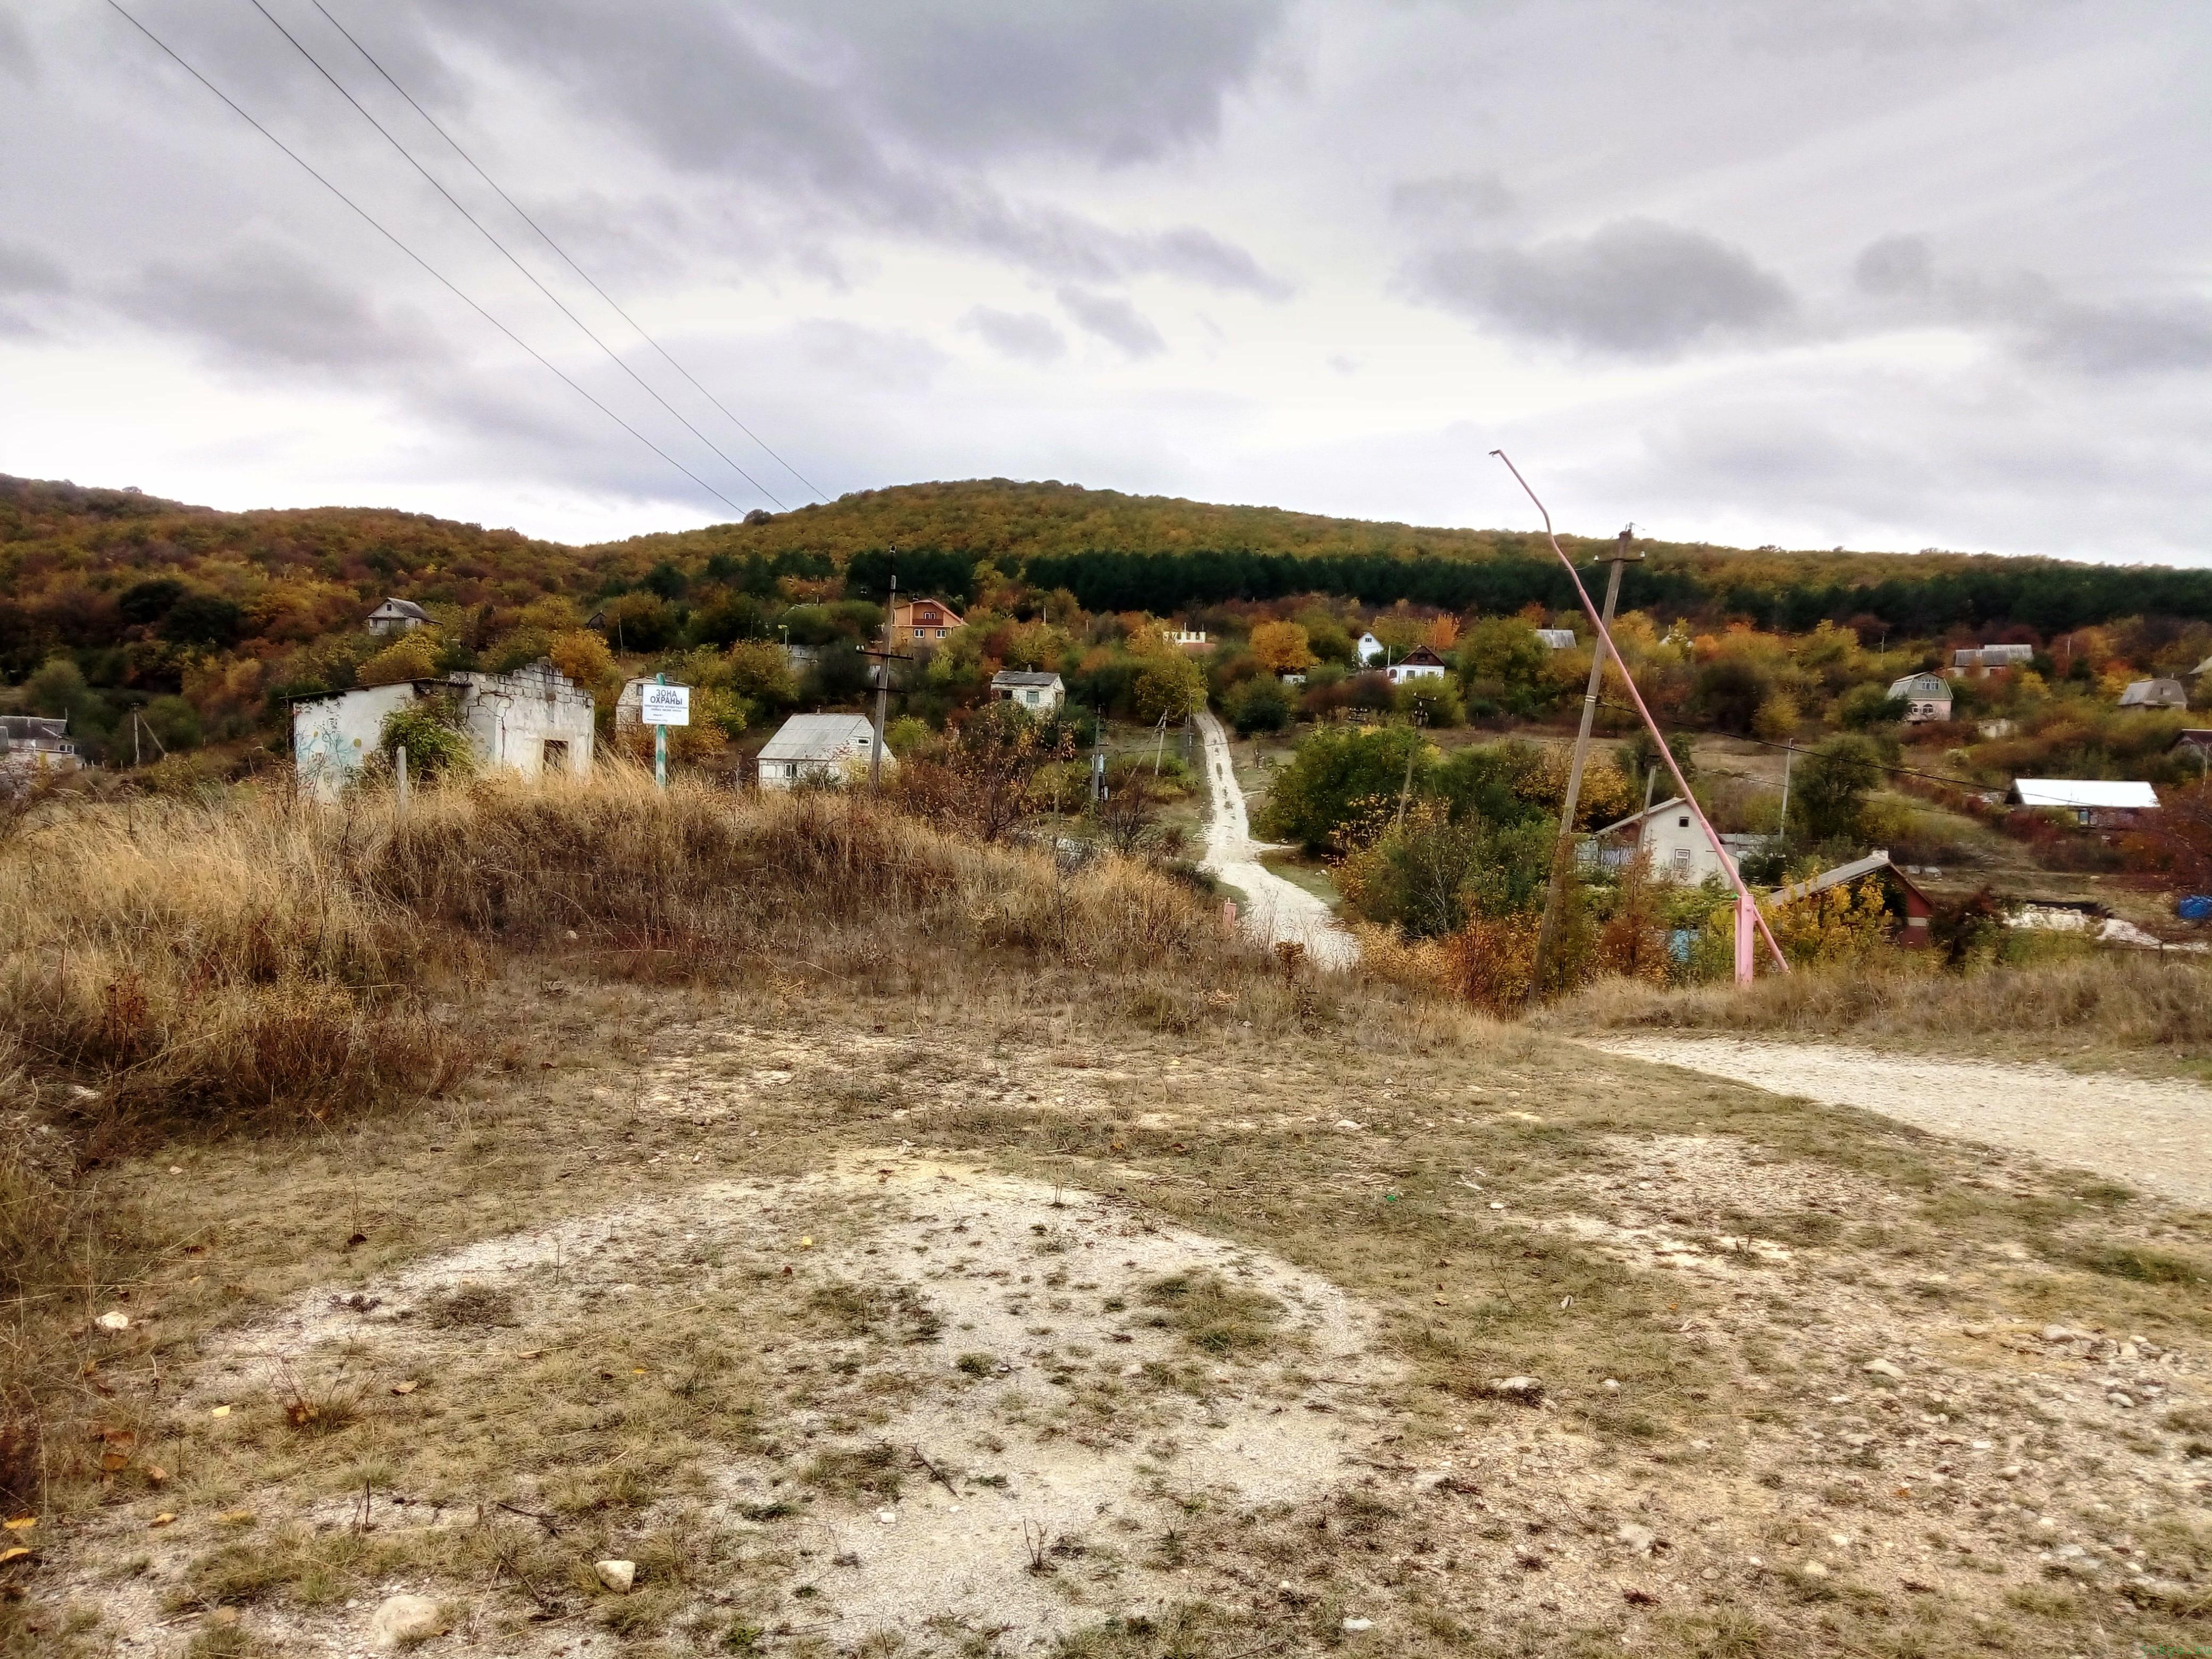 Пешком на рыбалку 🎣 в село Головановка фото заметка из моей реальности в Крыму